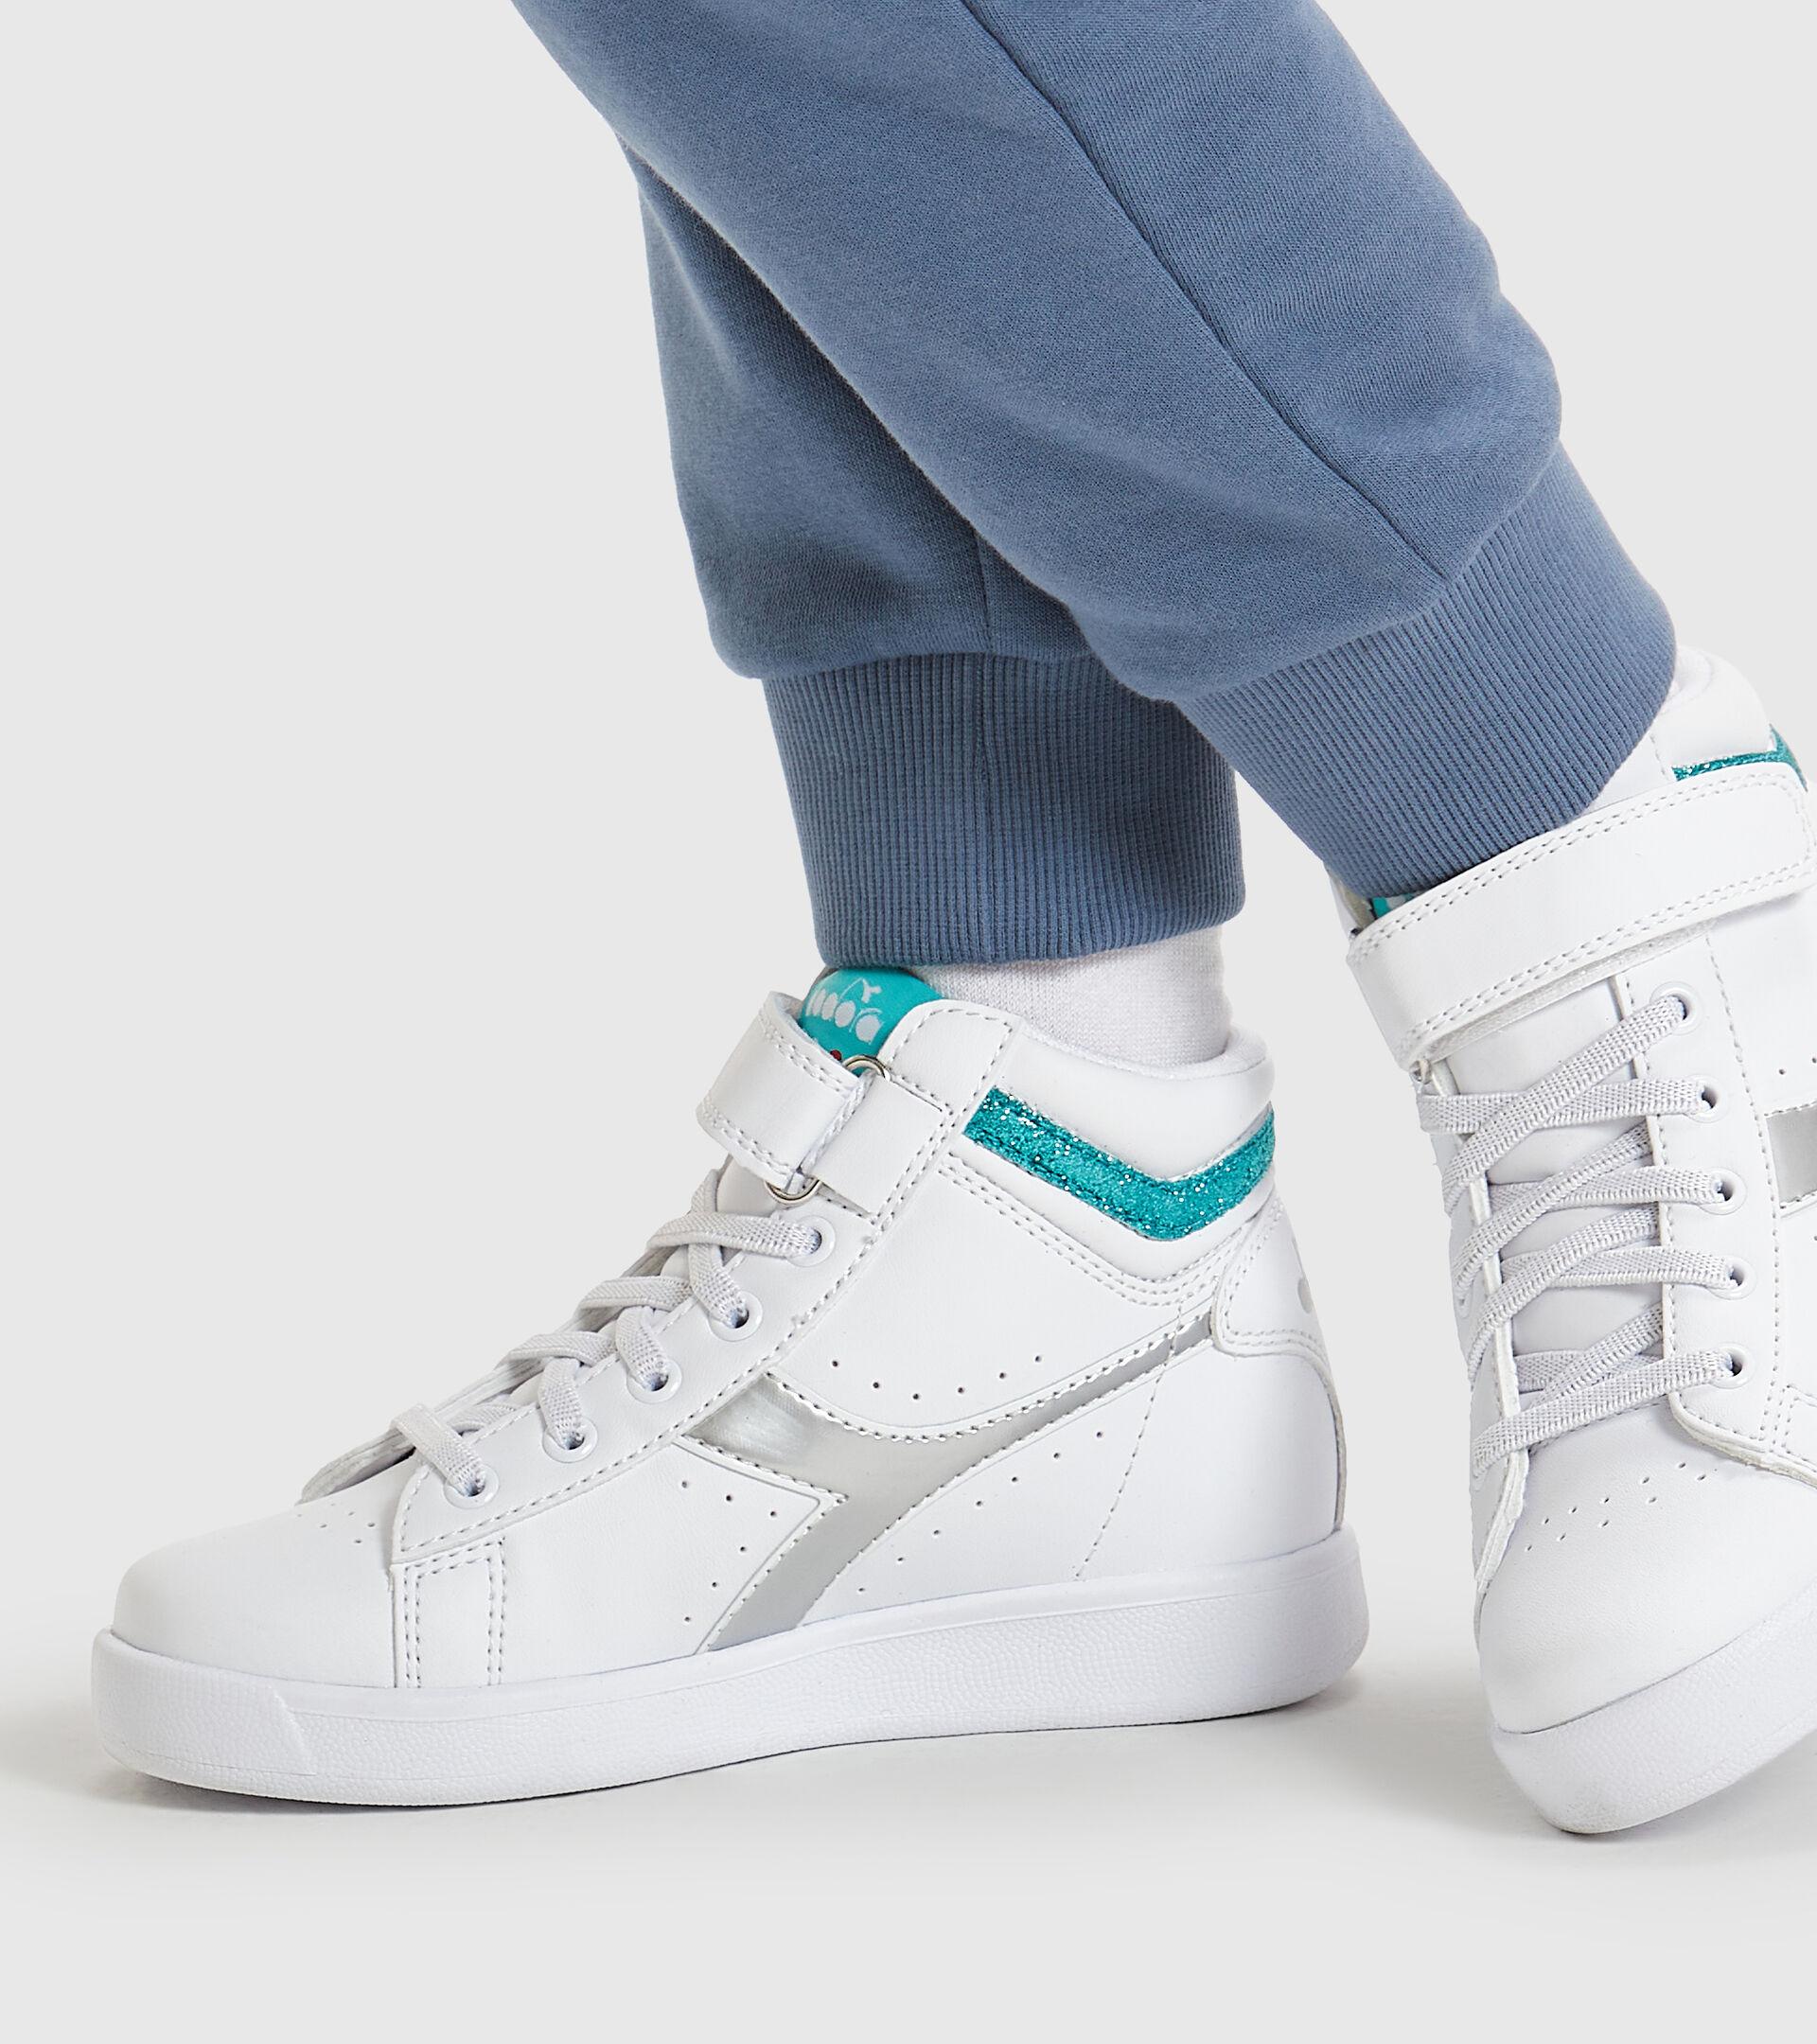 Footwear Sport BAMBINO GAME P HIGH GIRL PS BIANCO/AZZURRO TURCHESE Diadora